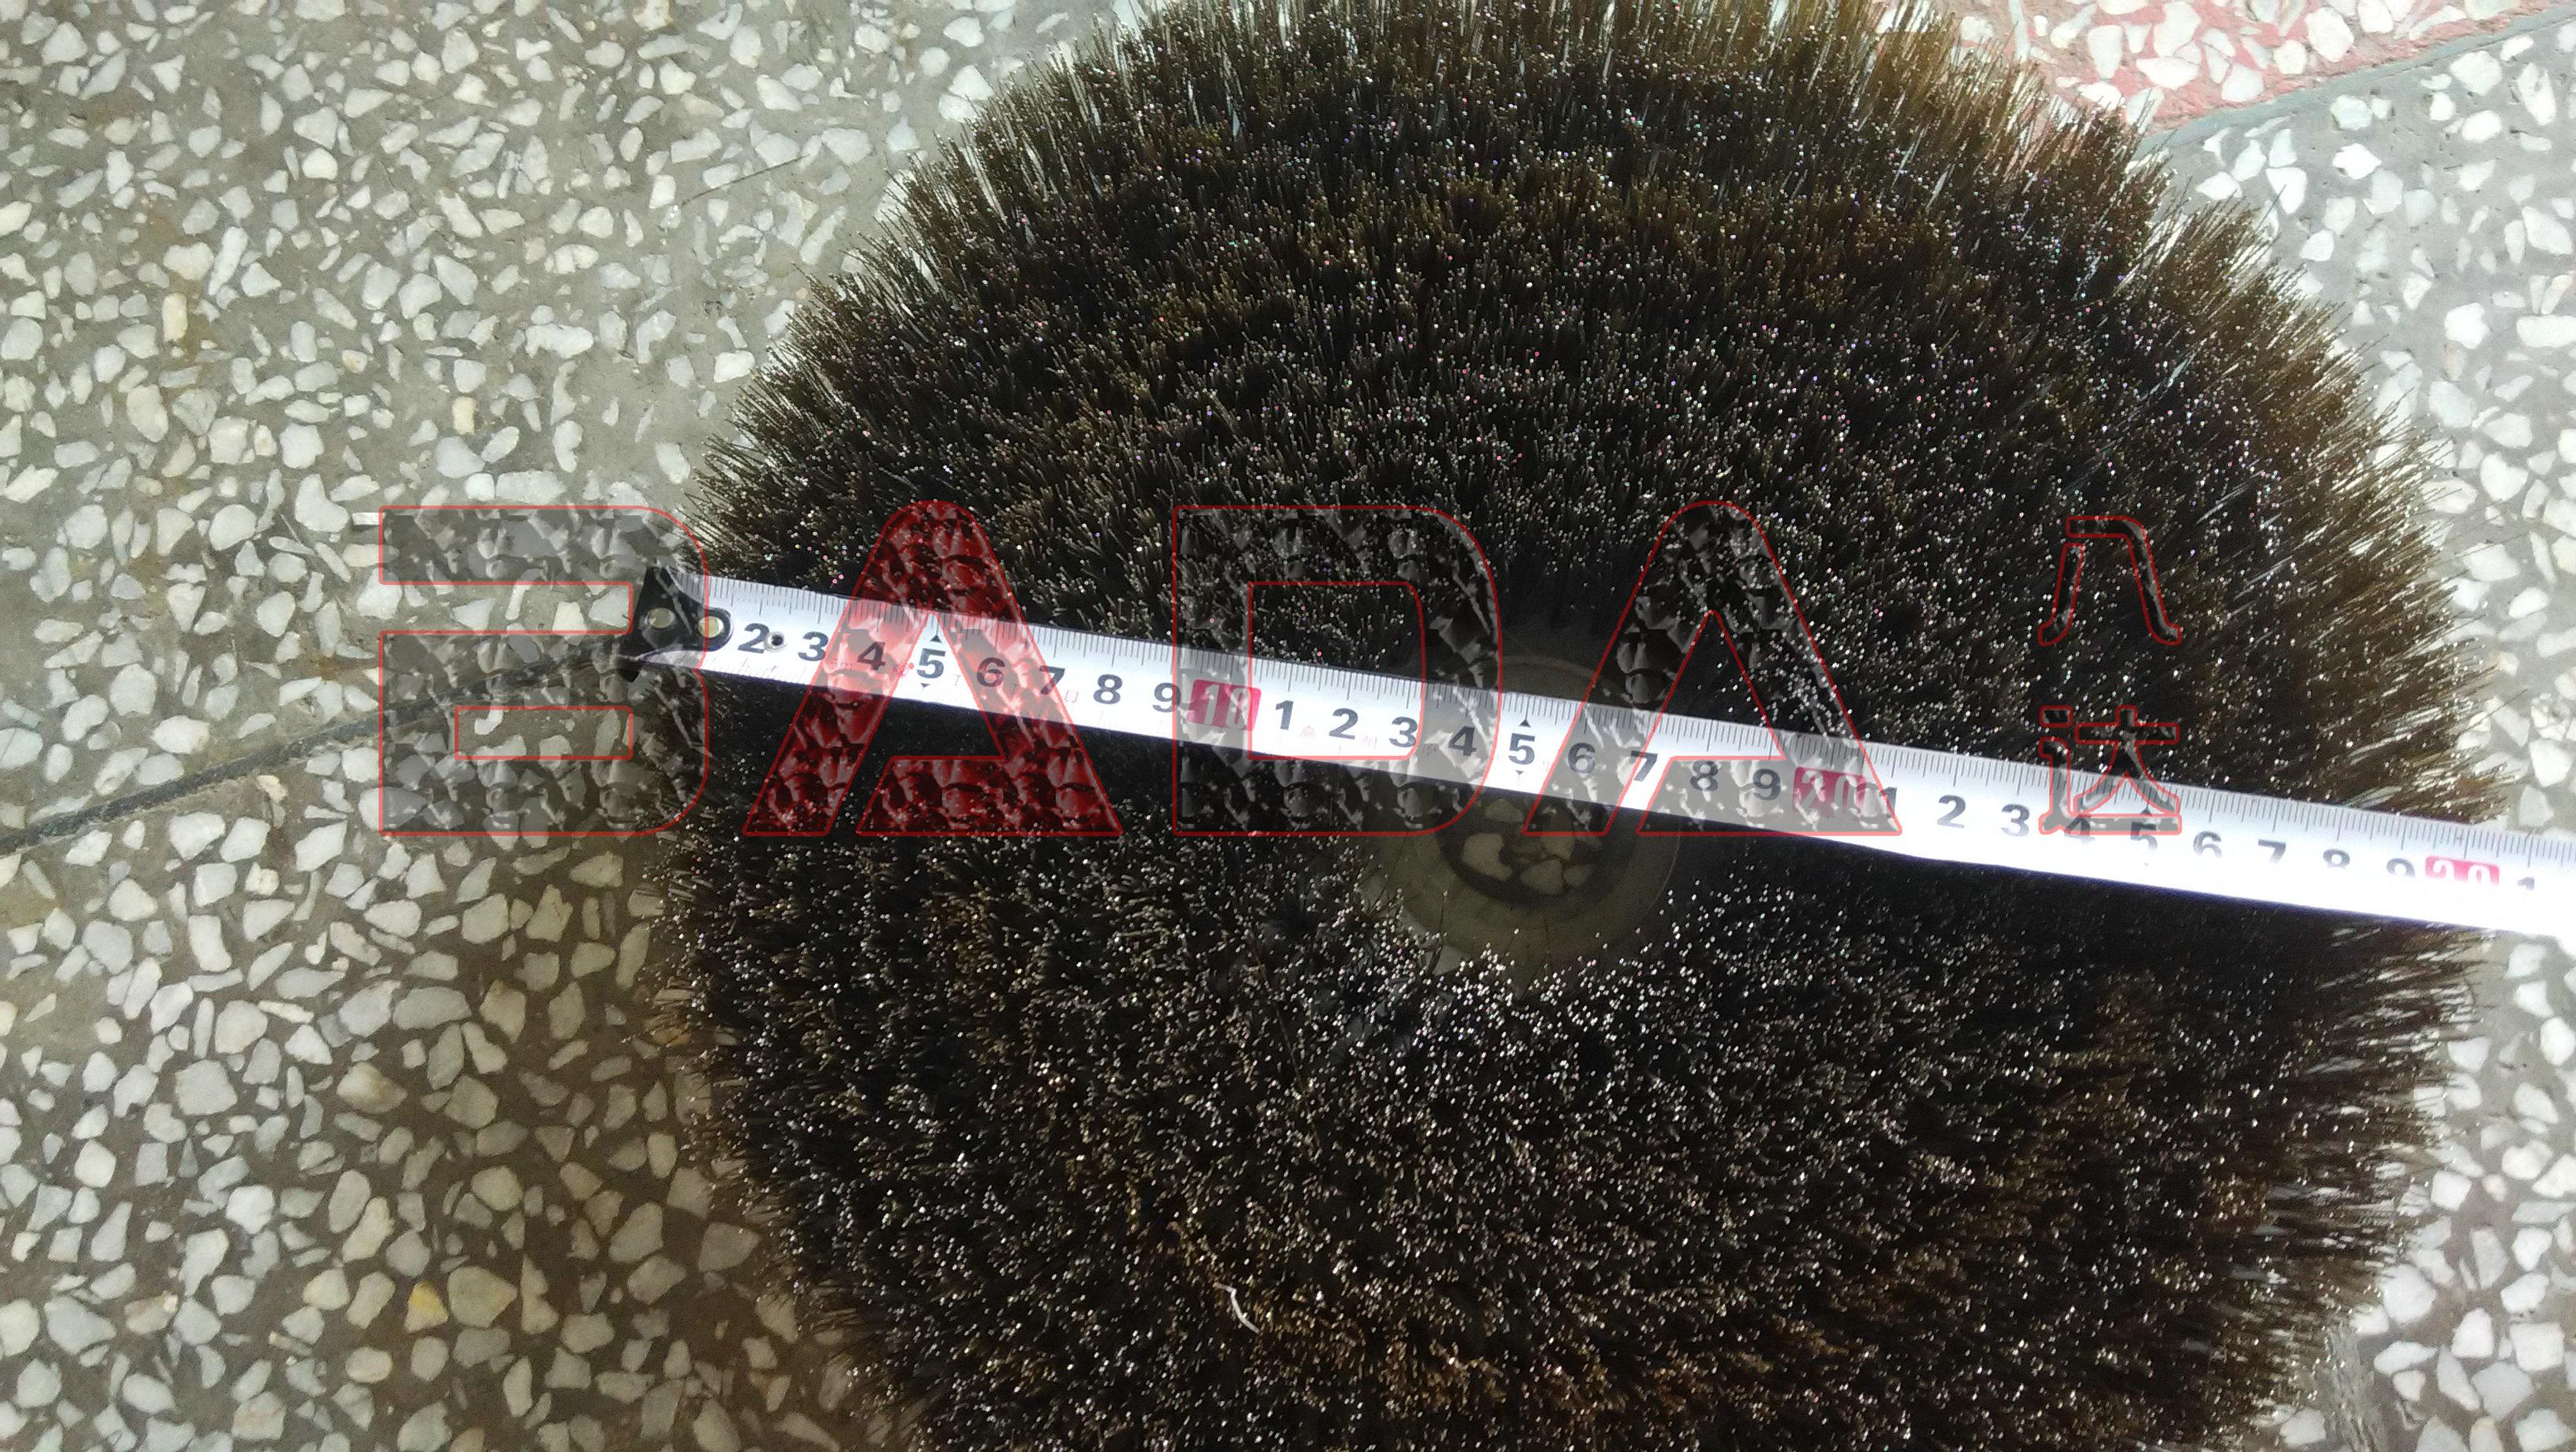 安徽钢丝轮厂家供应圆盘钢丝轮.金刚菩提钢丝圆盘刷.核桃抛光钢丝轮